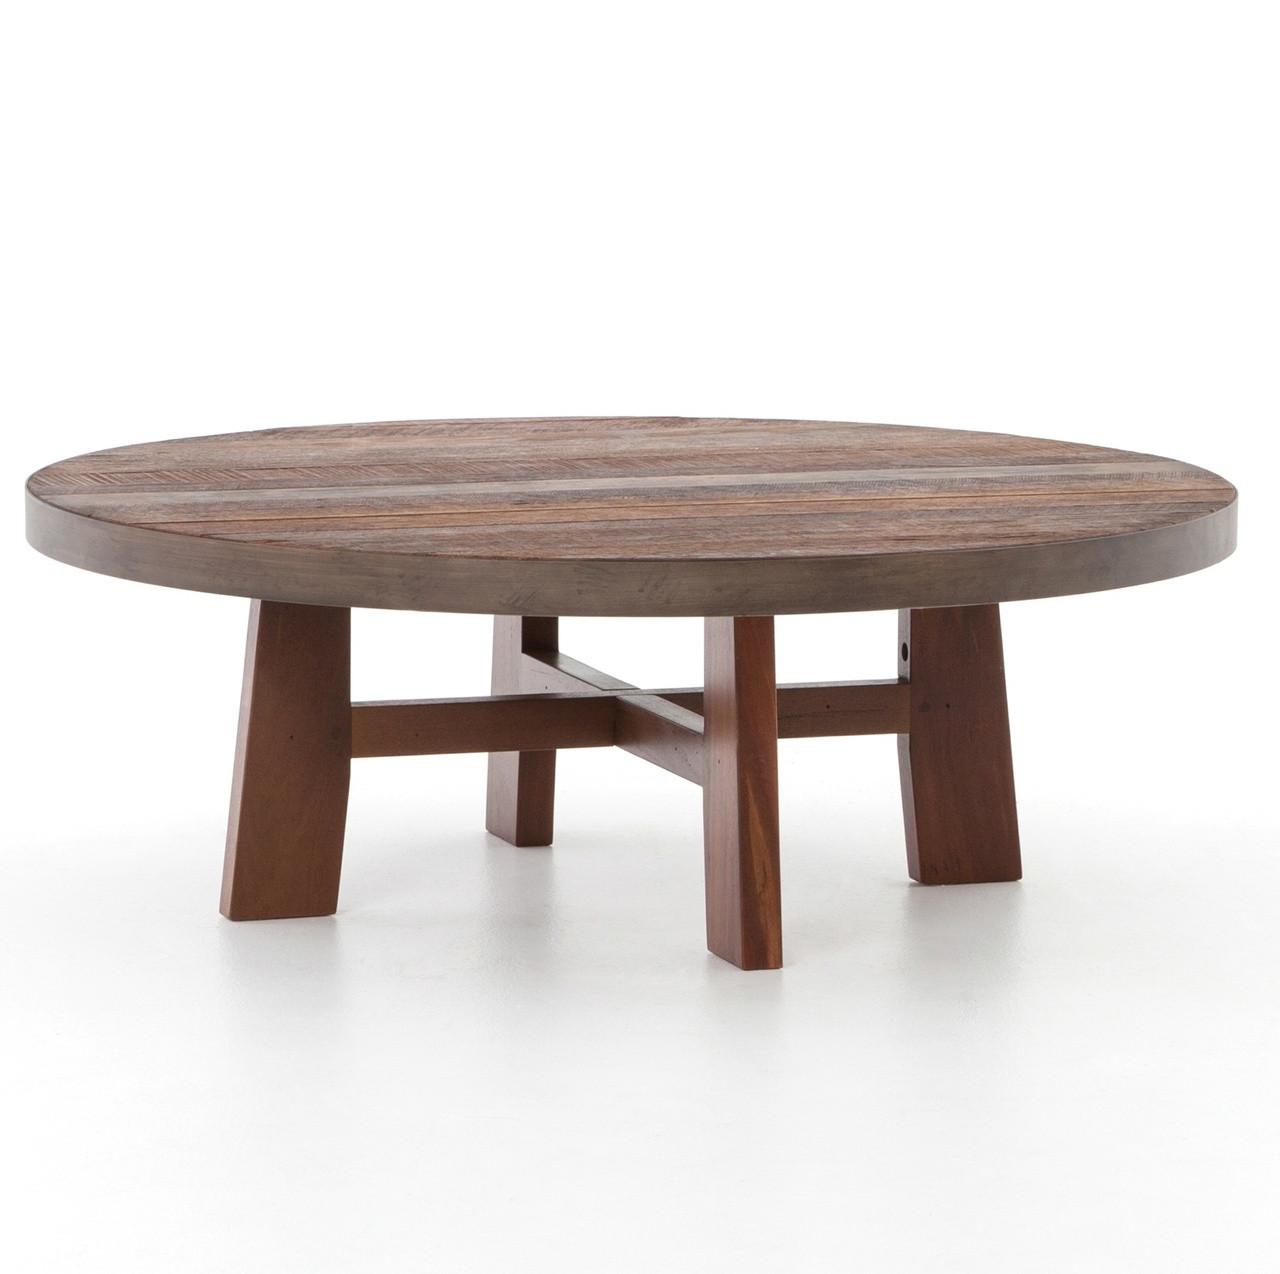 Lauren reclaimed wood round coffee table 36 zin home lauren reclaimed wood round coffee table 36 geotapseo Images